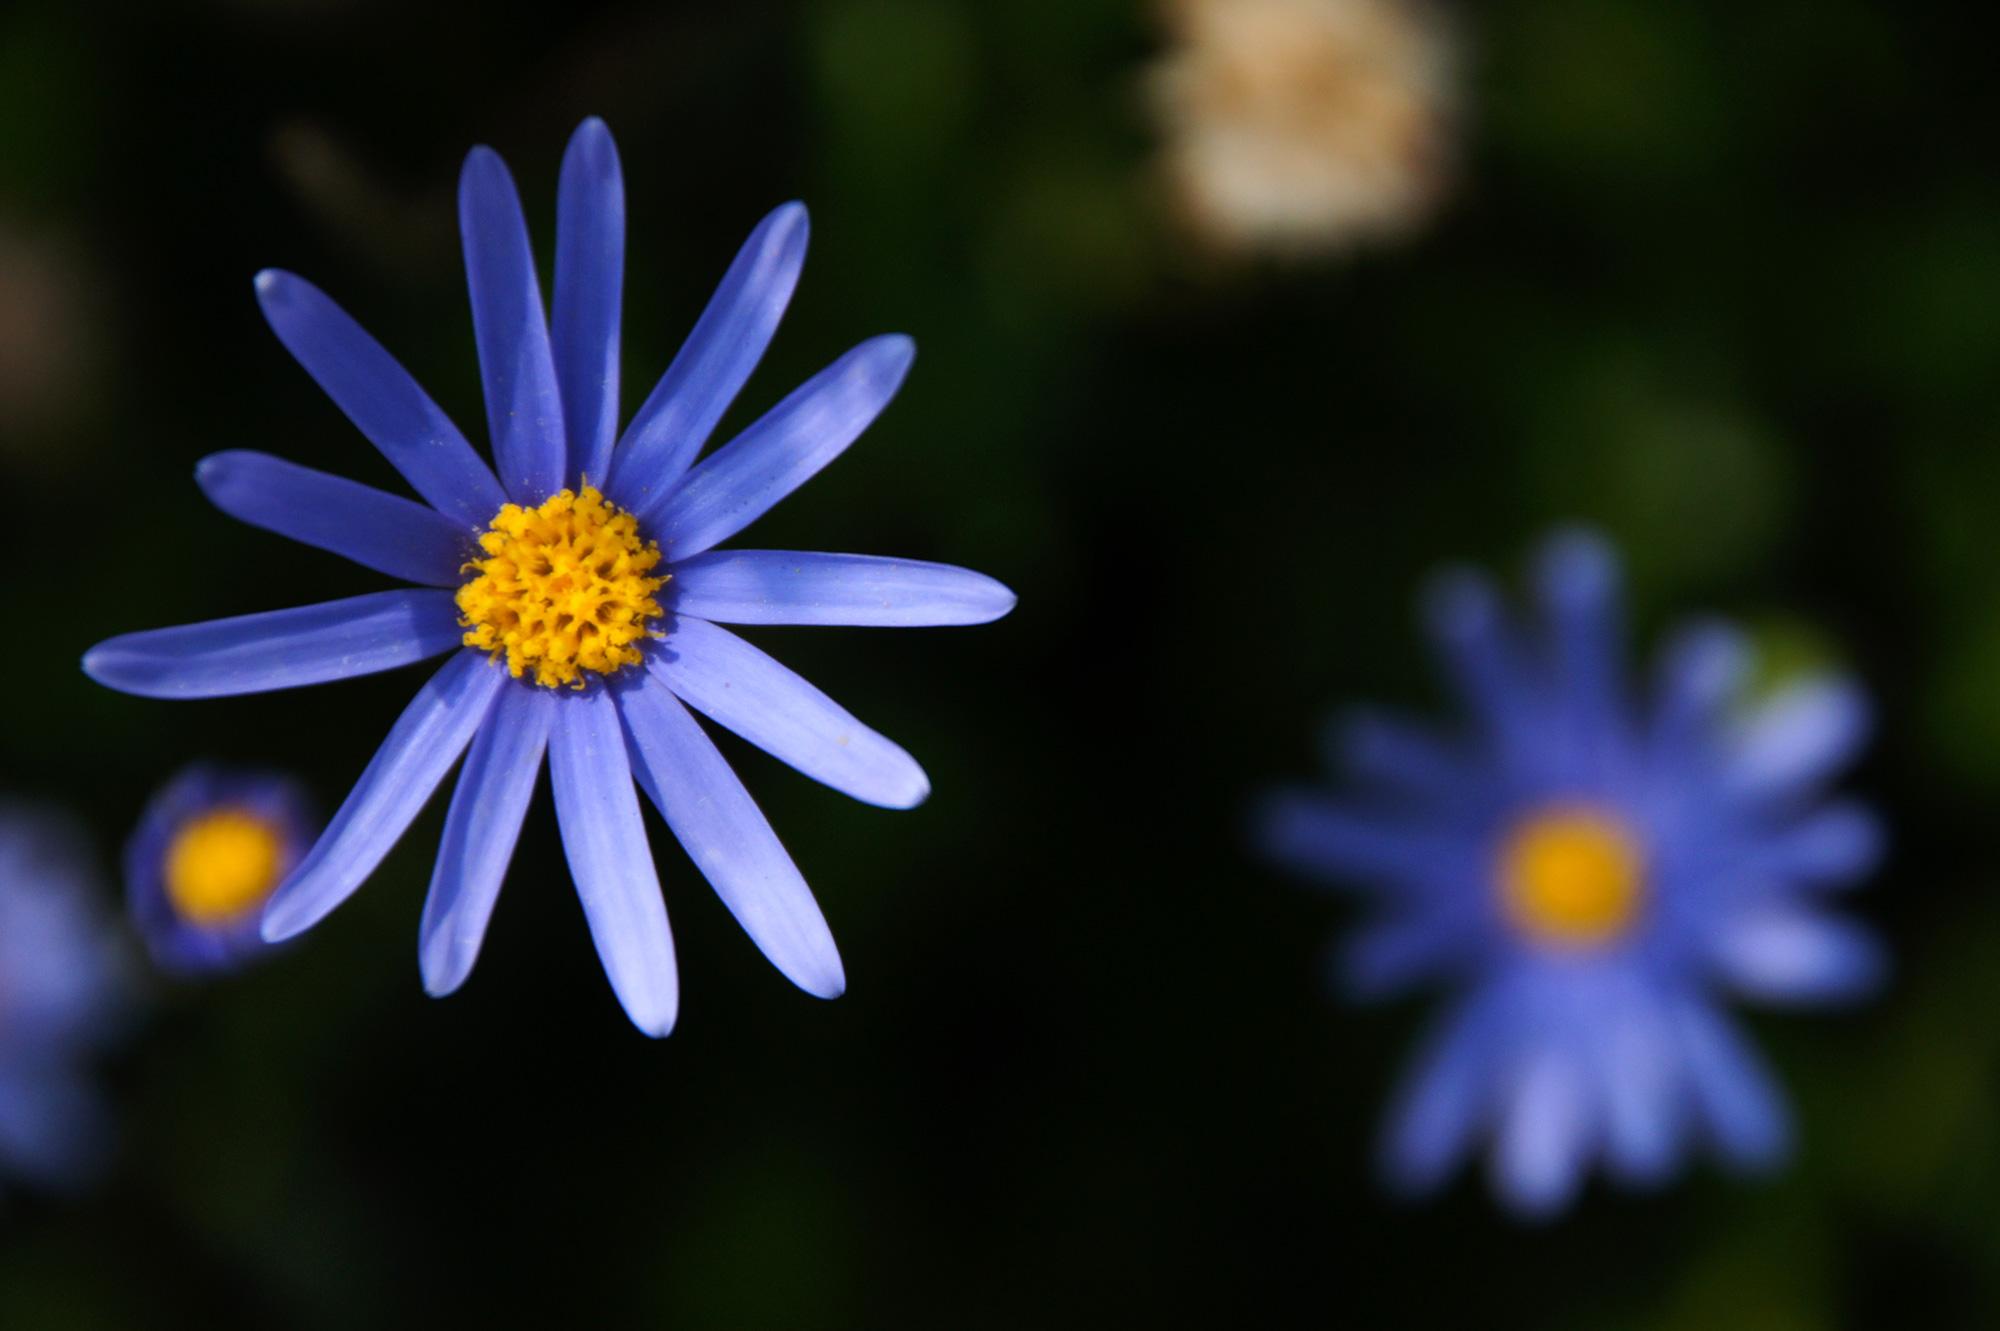 青紫の可愛らしい花のフリー写真素材